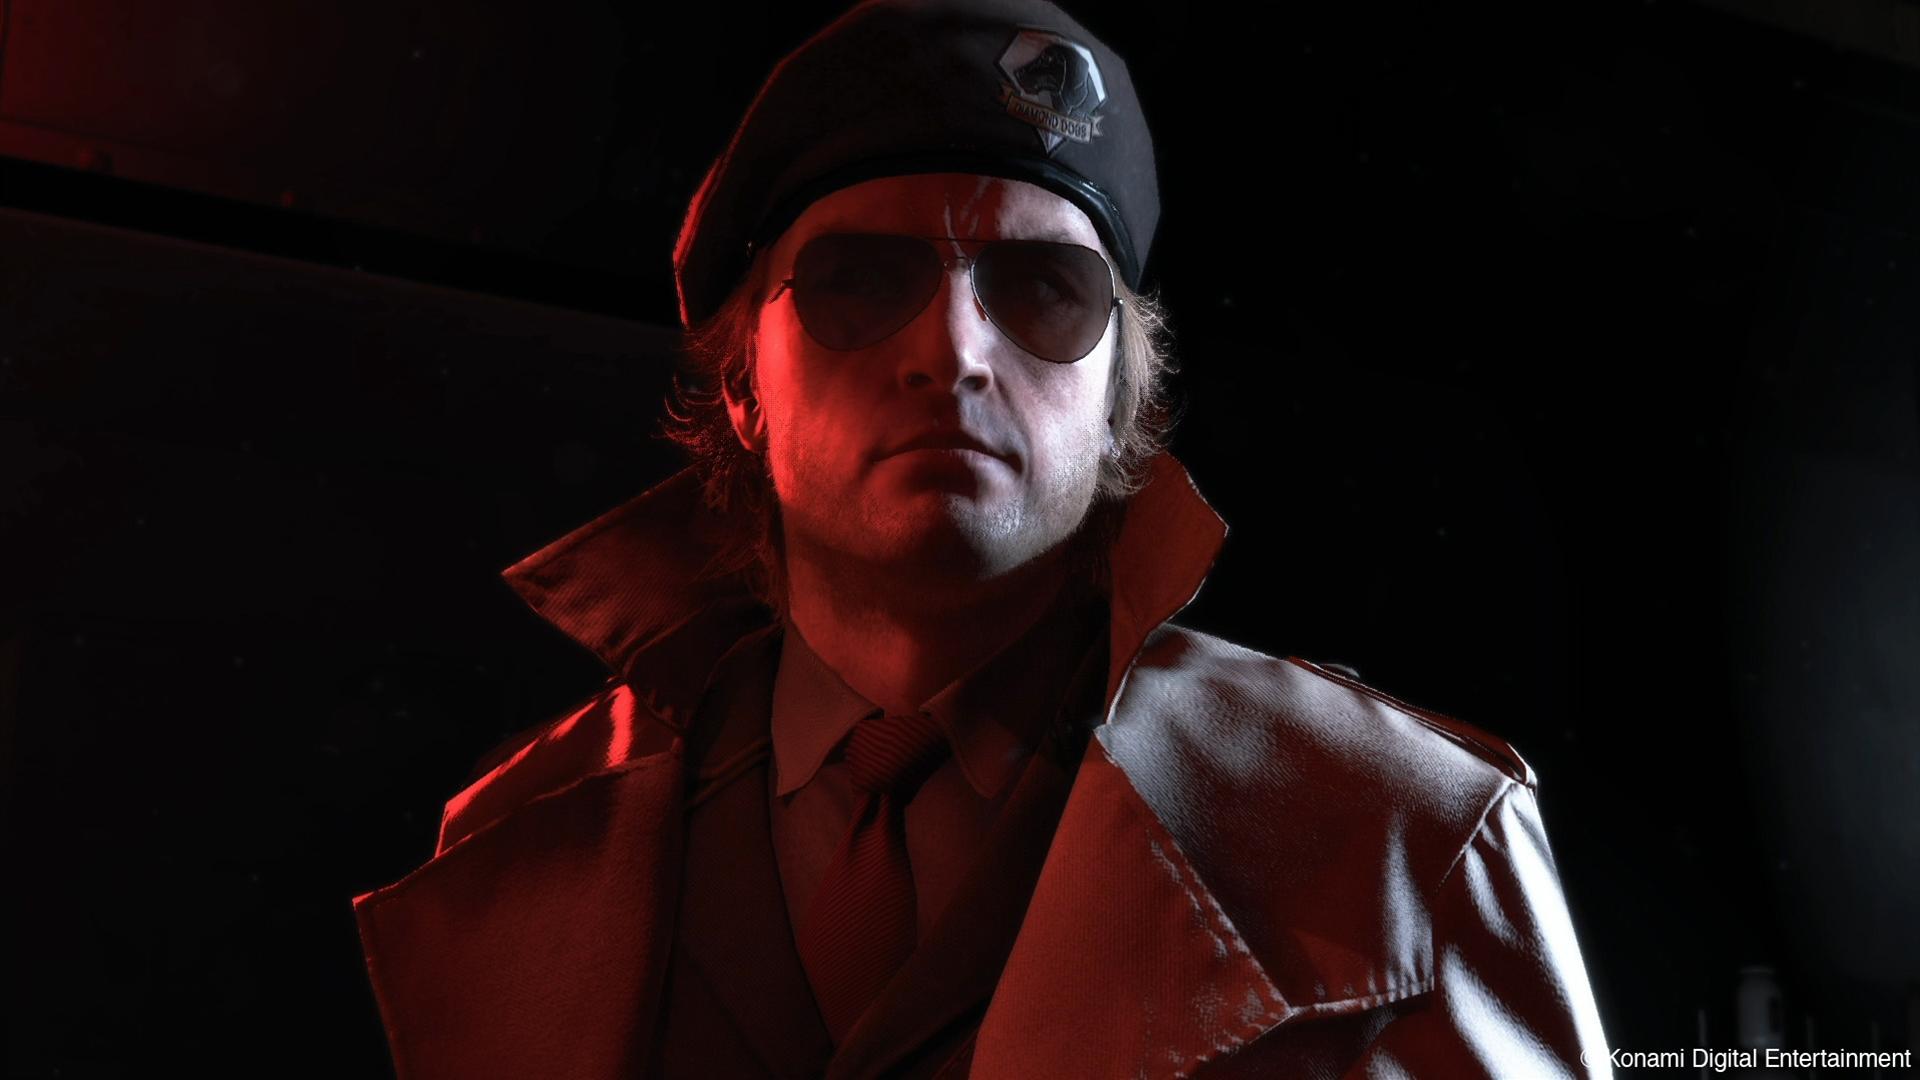 画像集 026 Metal Gear Solid V The Phantom Pain Mgs5 Xbox One 4gamer